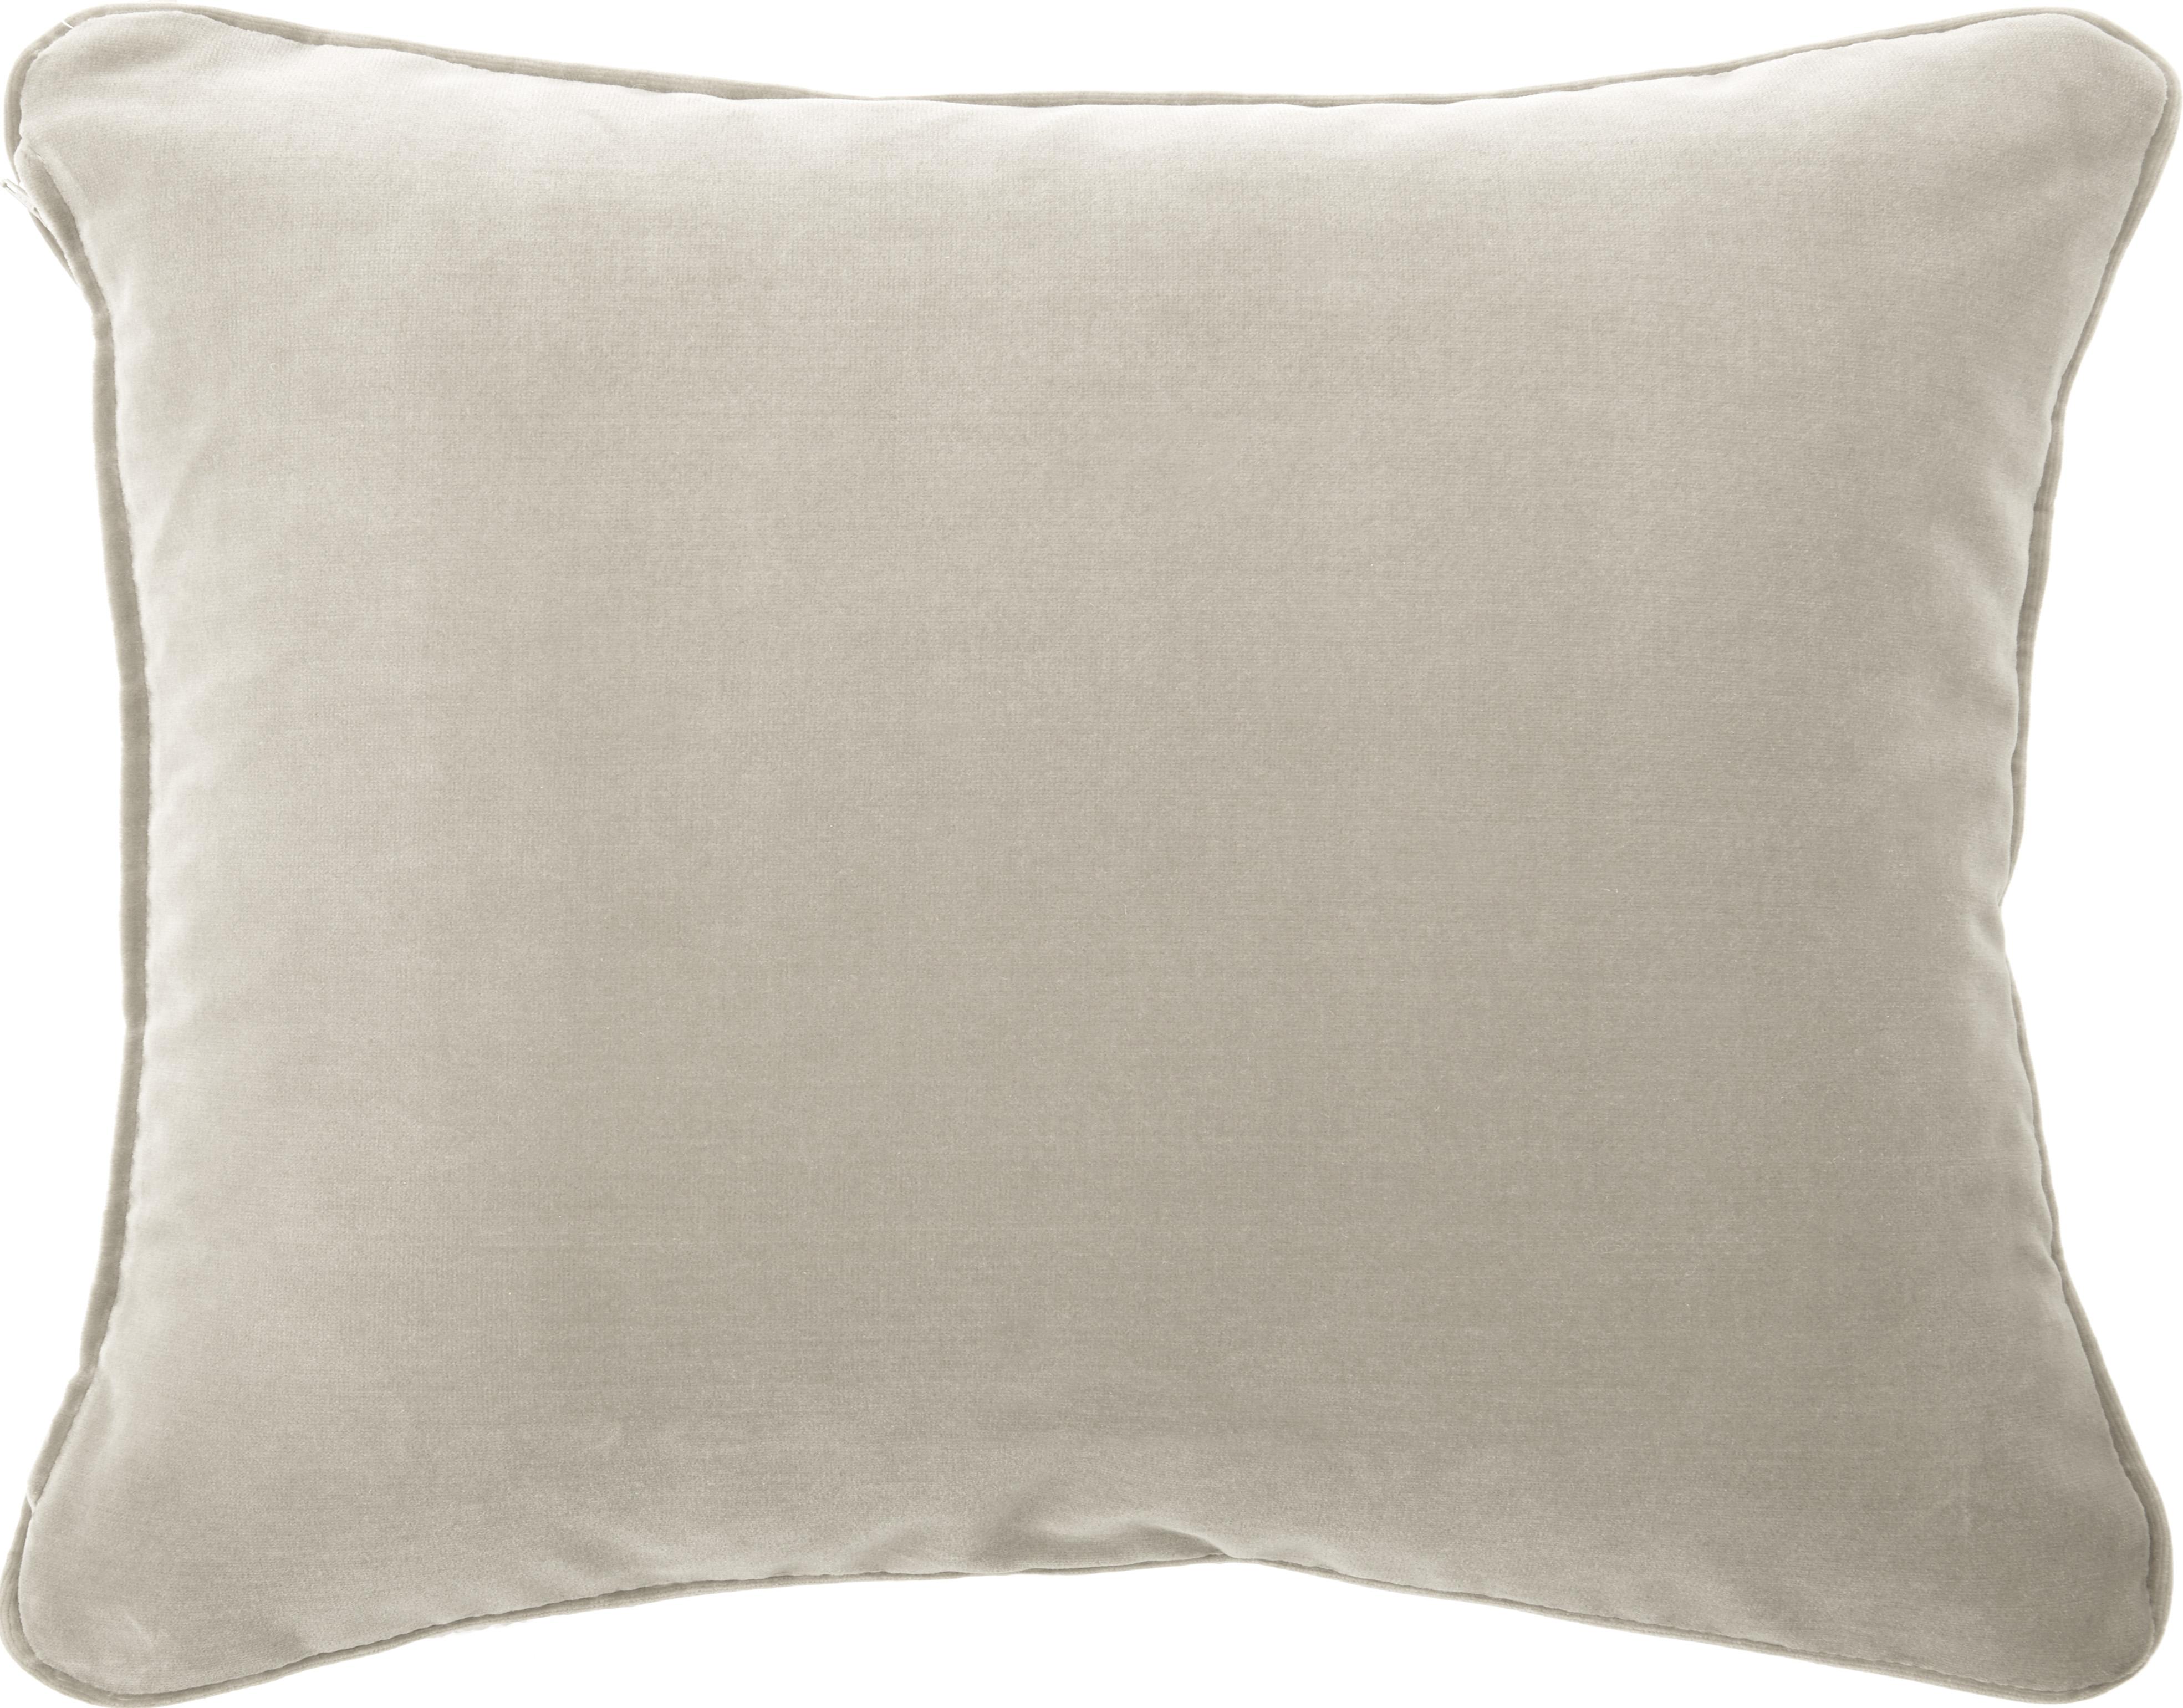 Florence Cushion 35x45cm, Isla Ermine